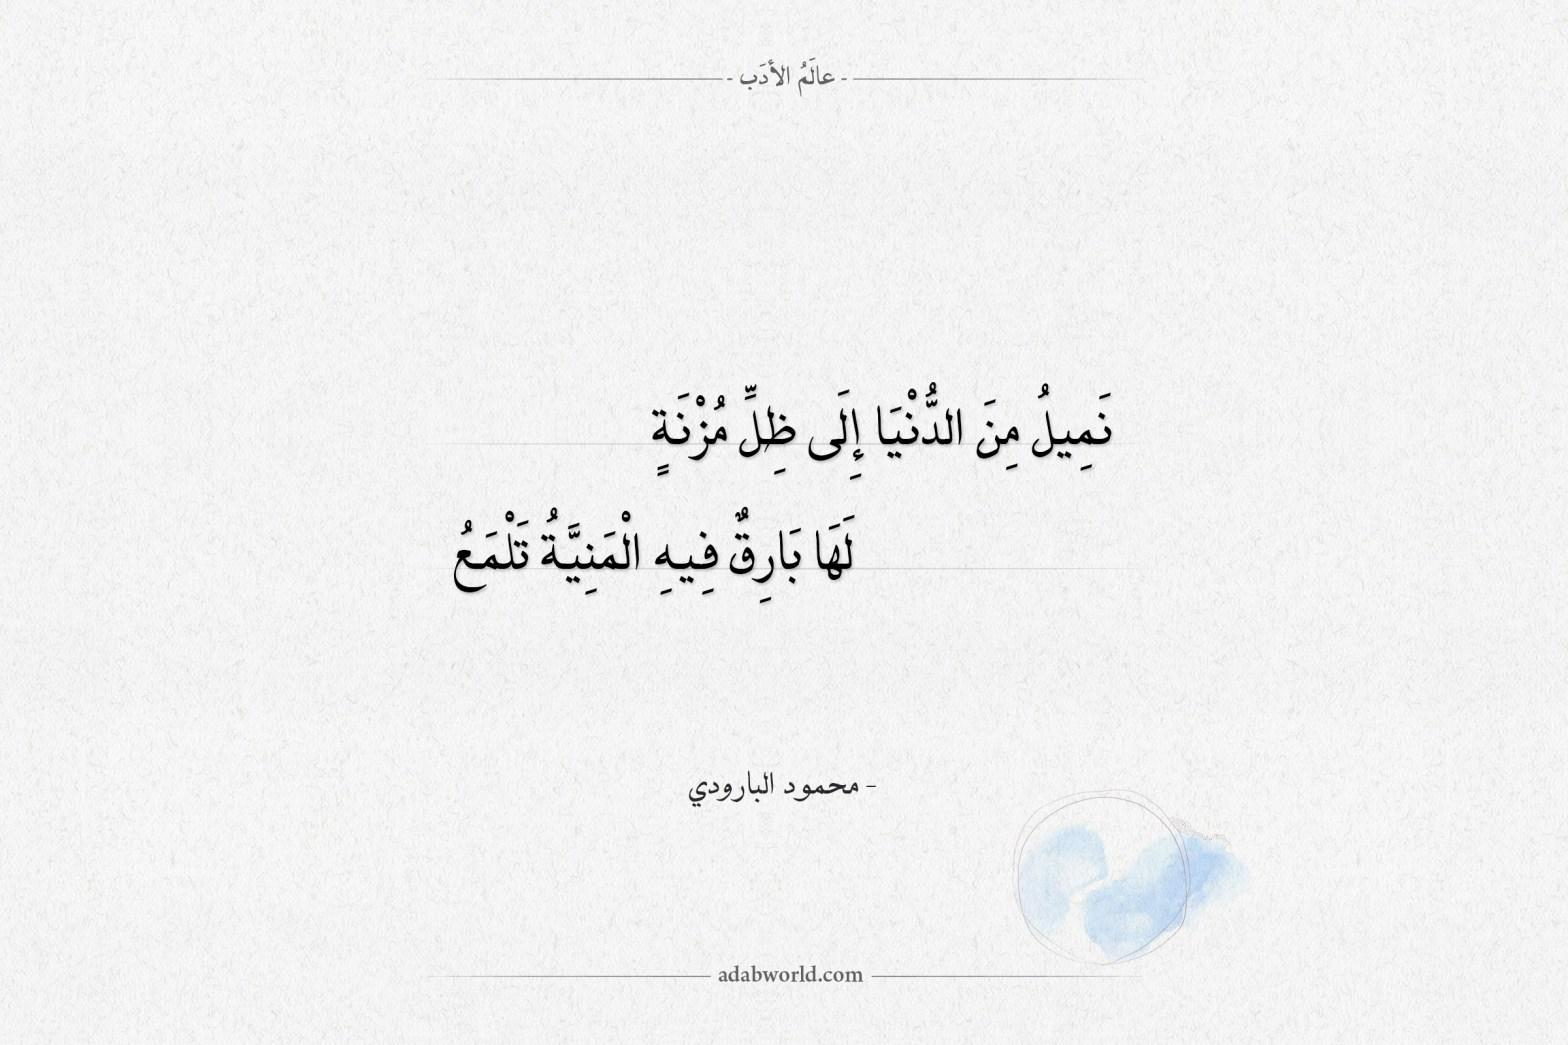 شعر محمود البارودي نميل من الدنيا